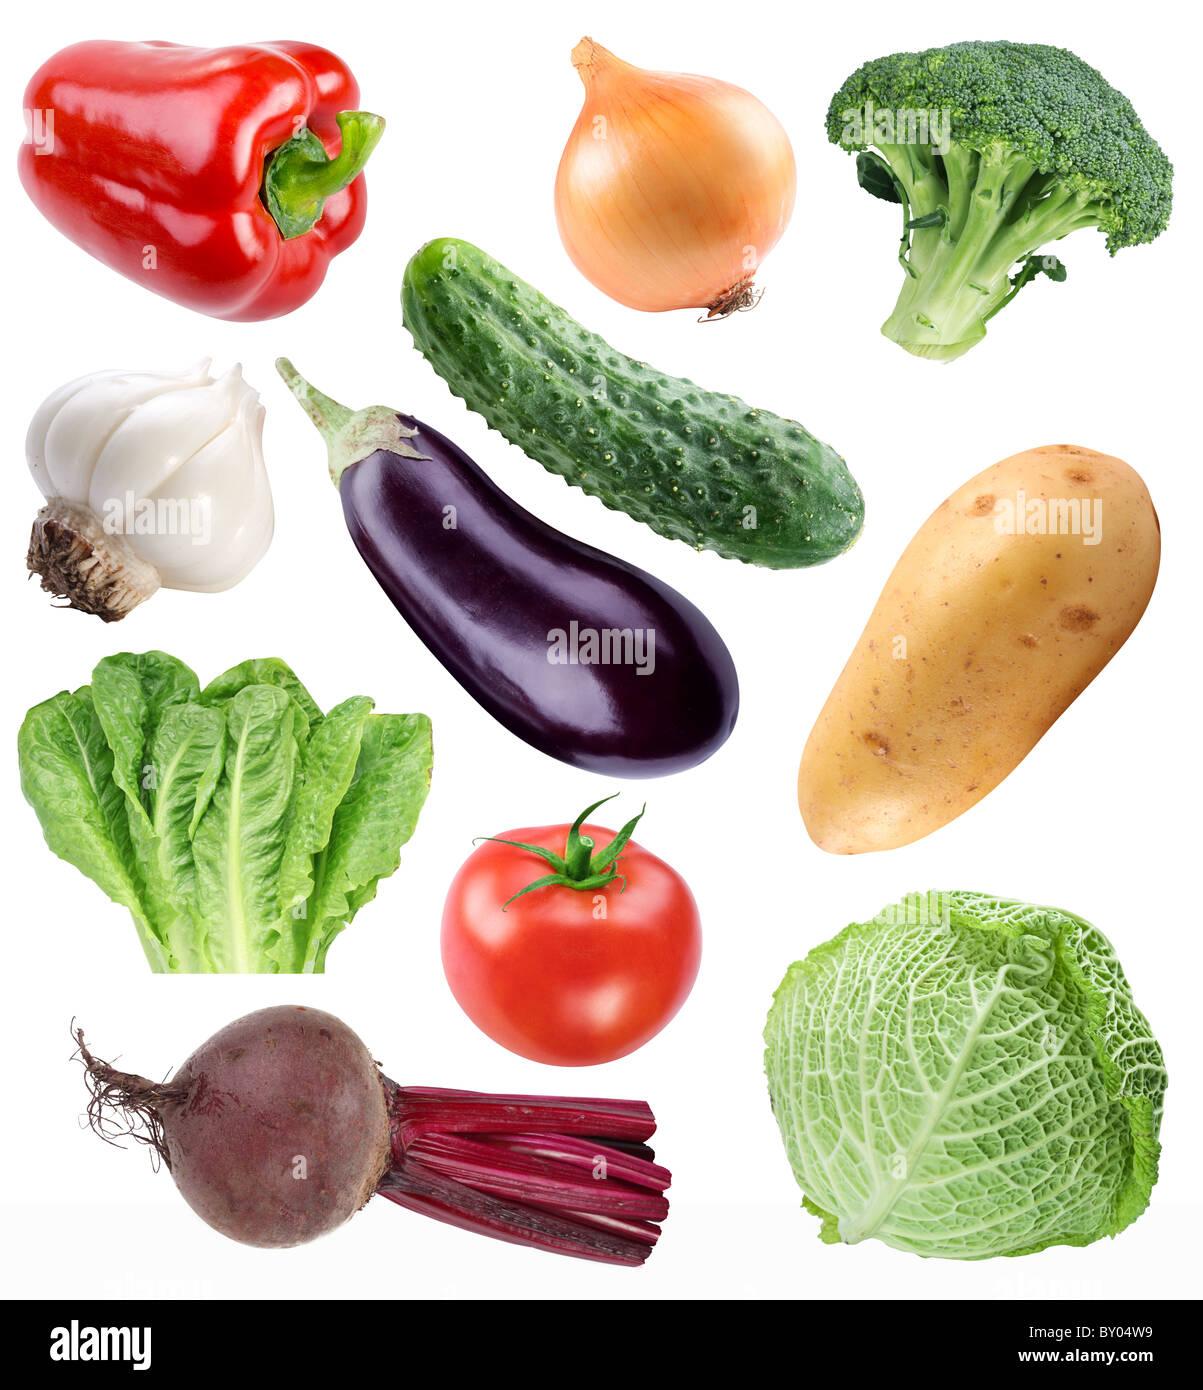 Raccolta di vegetali isolate su uno sfondo bianco. Il file contiene un percorso di taglio. Immagini Stock